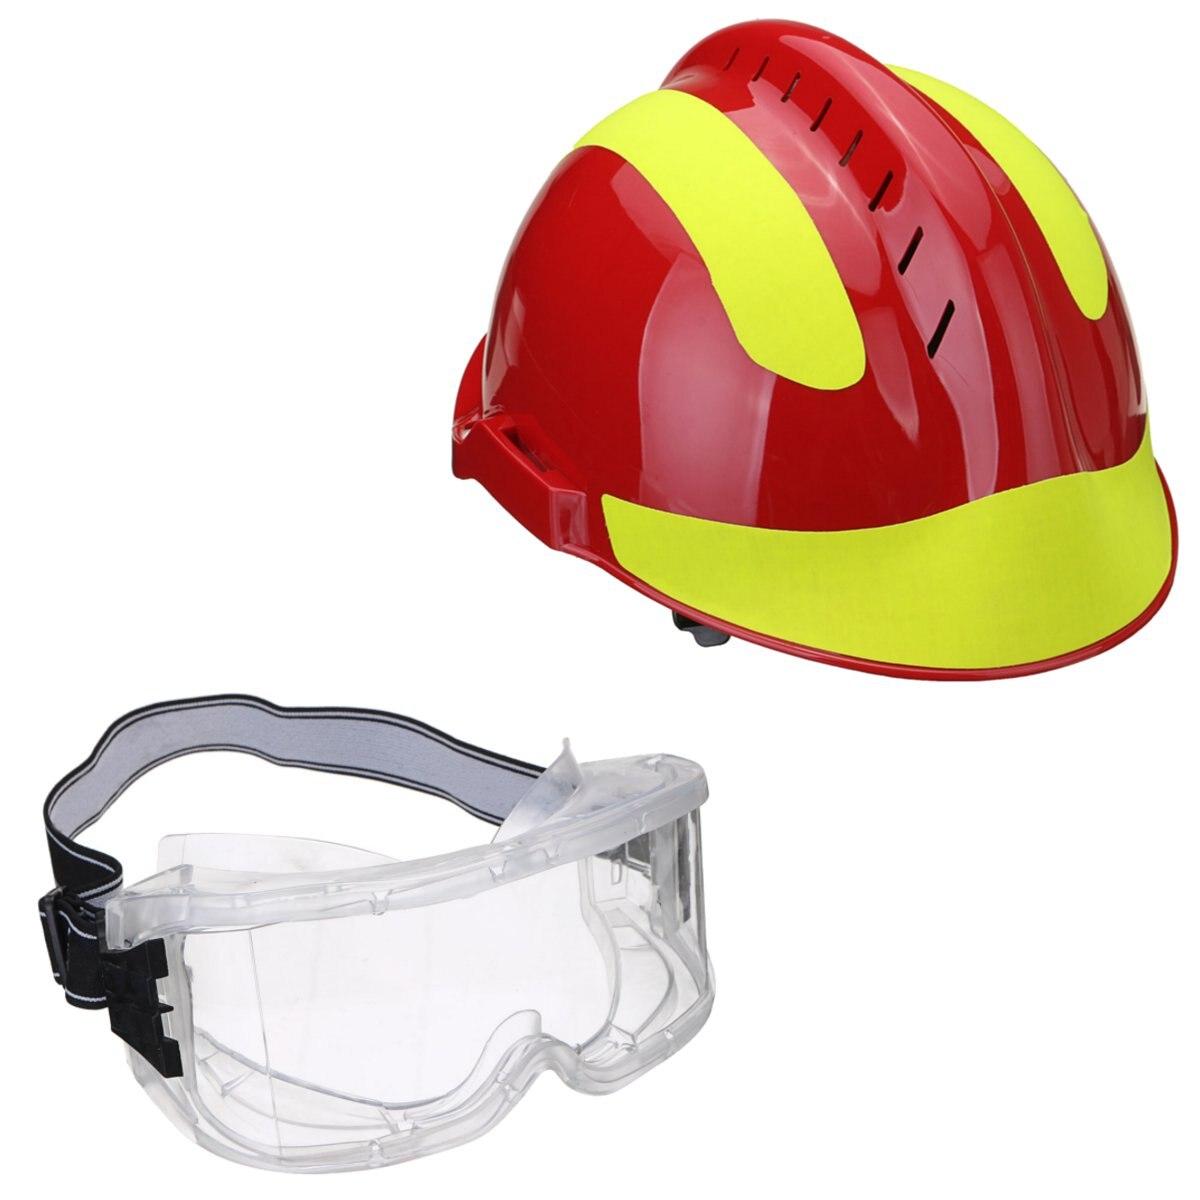 Safurance Sauvetage Casque Pompier De Protection Lunettes de Sécurité Protecteur Travail De Sécurité Protection Contre L'incendie 53 CM-63 CM